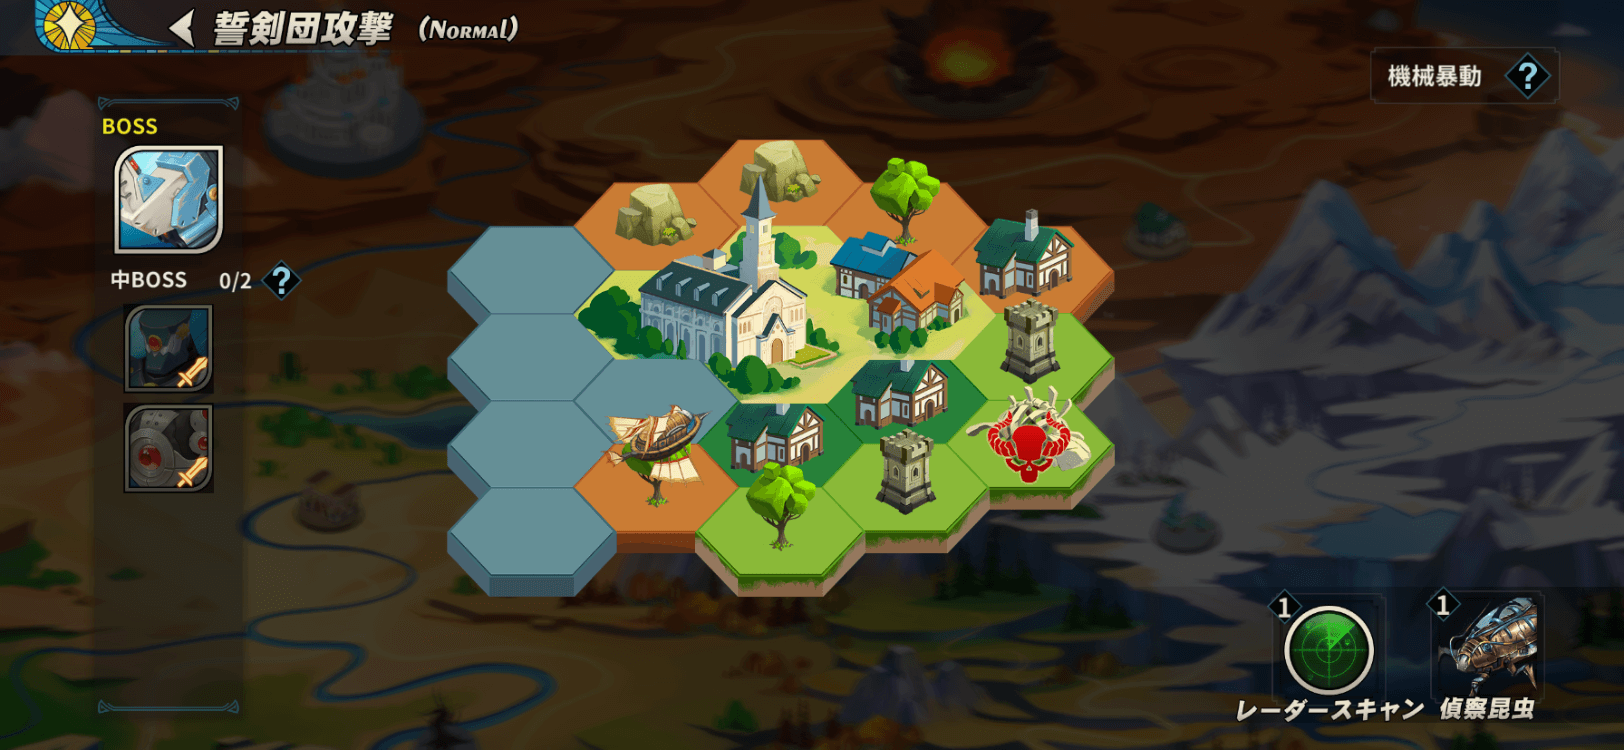 スマホRPG『サンクタス戦記-GYEE-』のミニゲーム